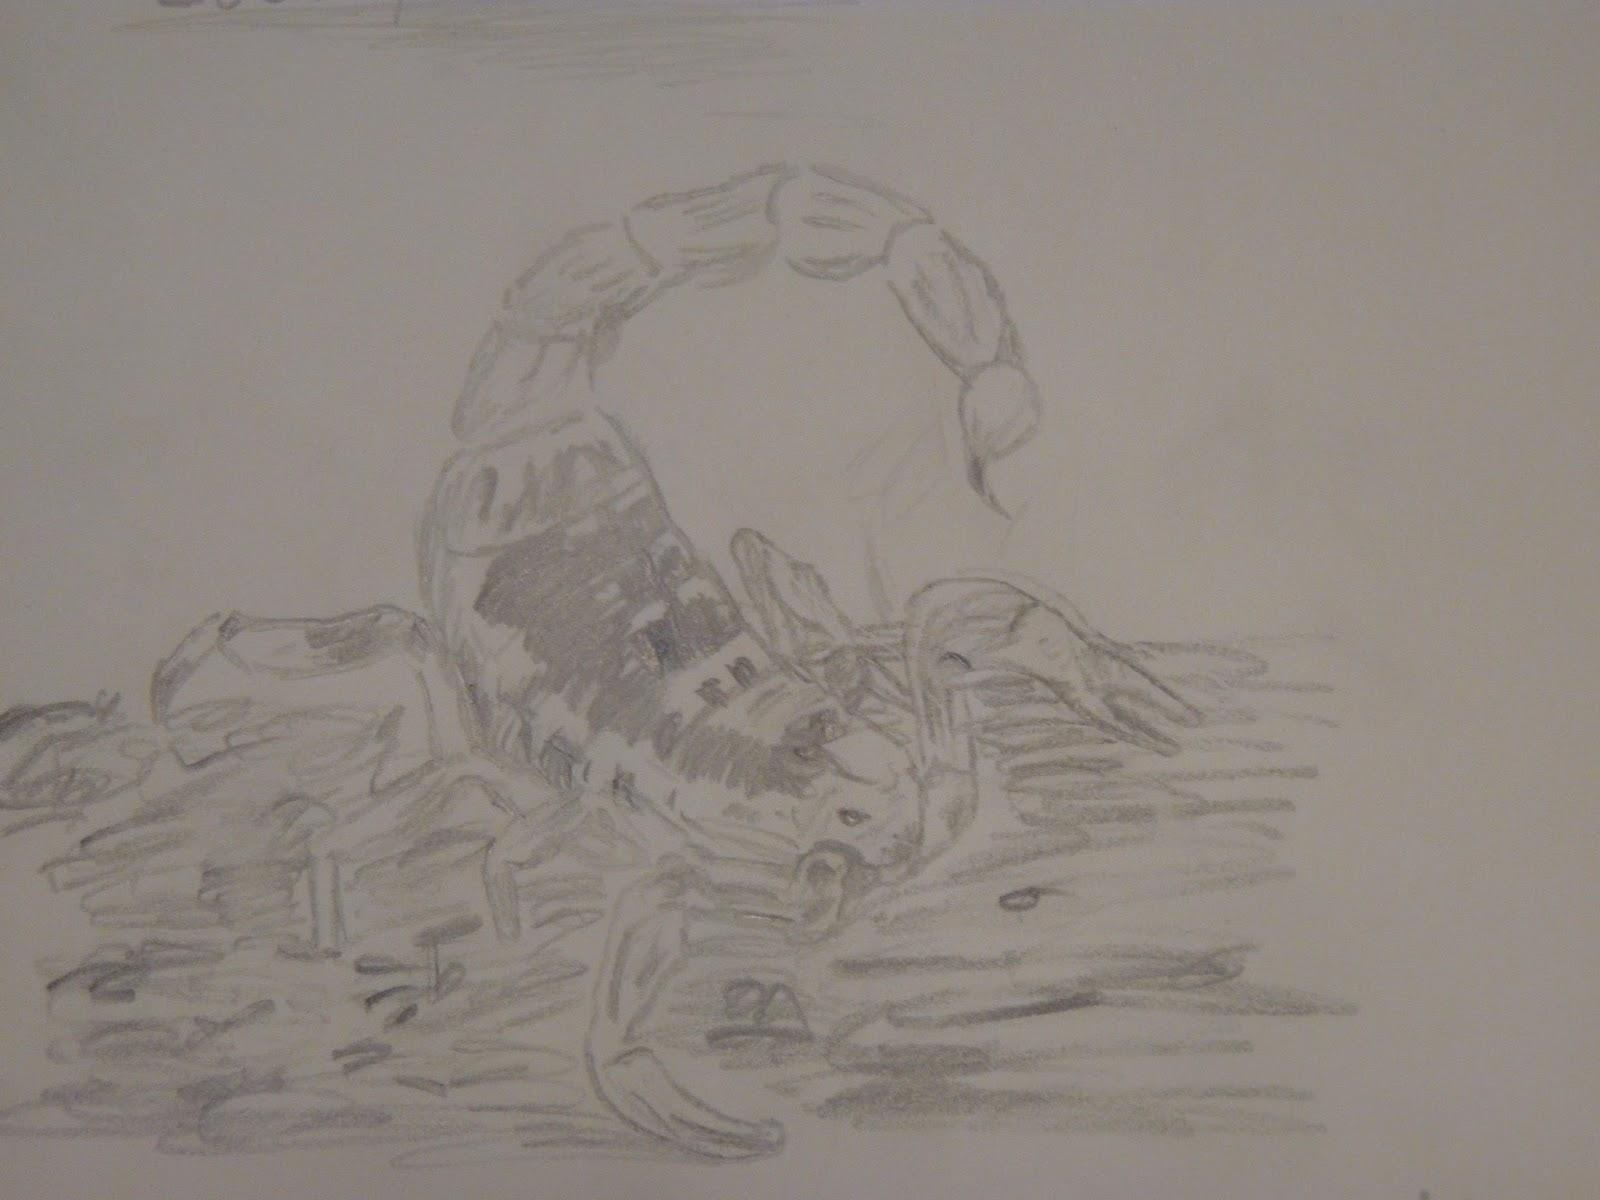 Dibujo De Un Escorpion Dorado a través del arte: escorpión dorado